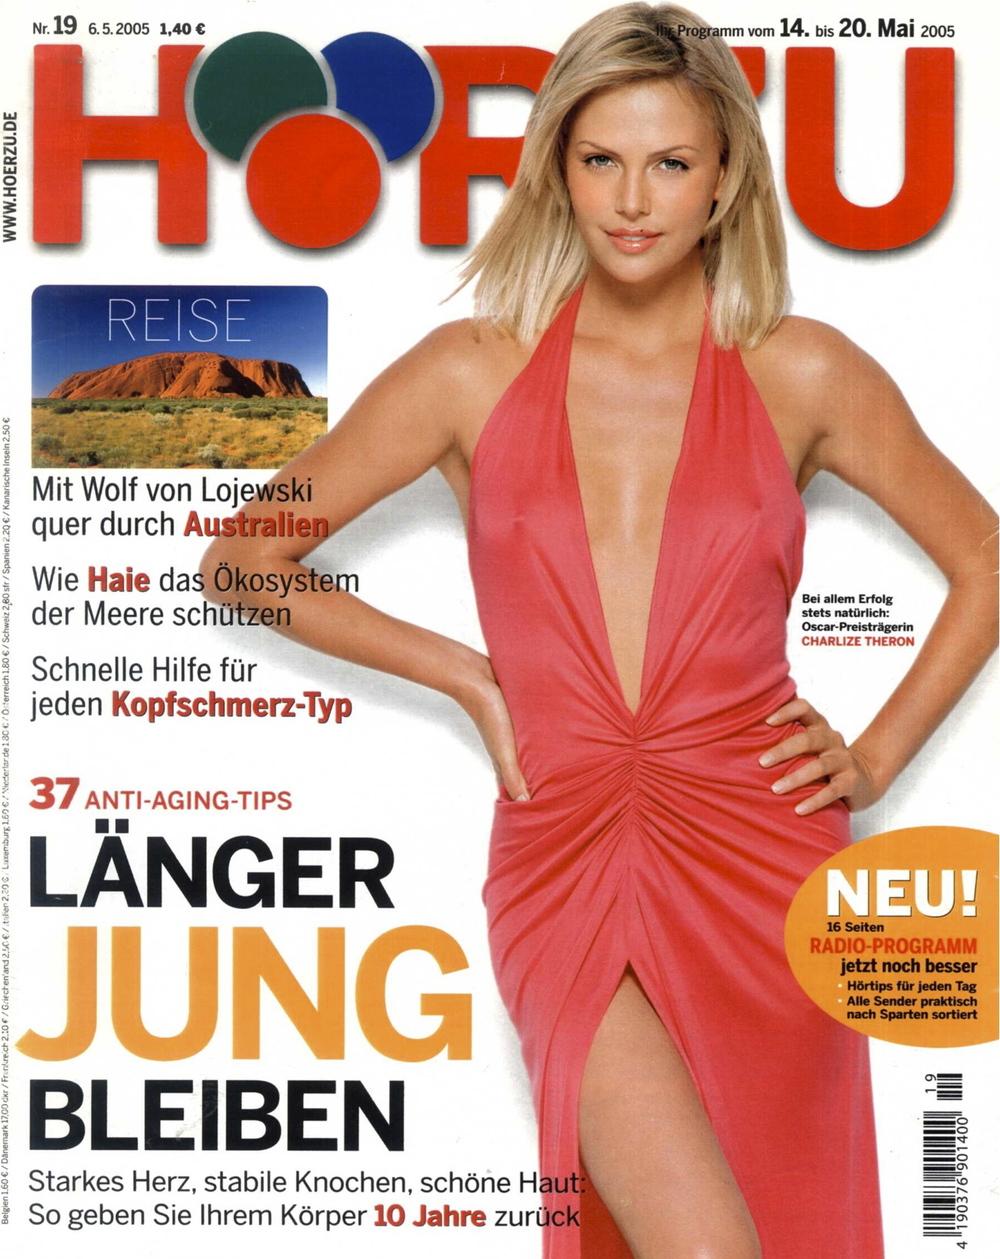 HZ_6.5.2005_Cover.jpg